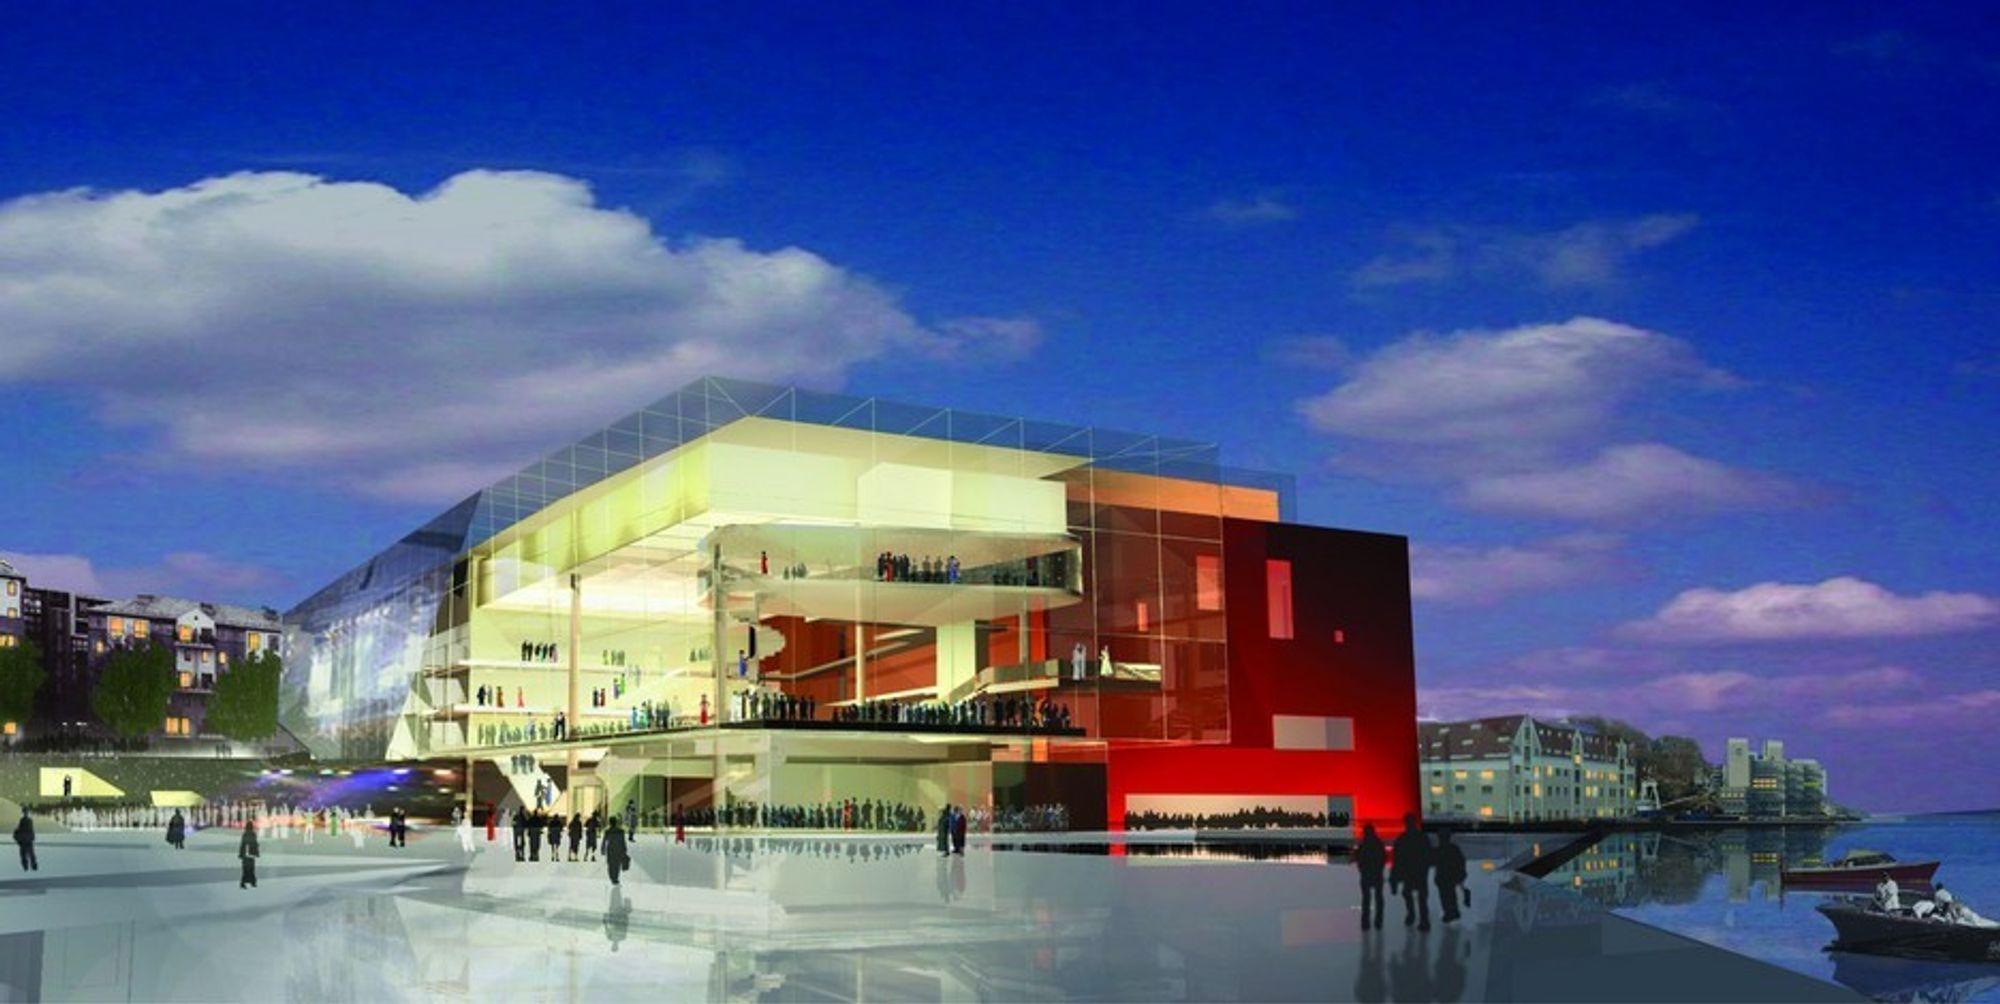 KULTURBYGG: Nytt konserthus i Stavanger tilgodesees med 20 millioner kroner fra kulturminister Trond Giske.